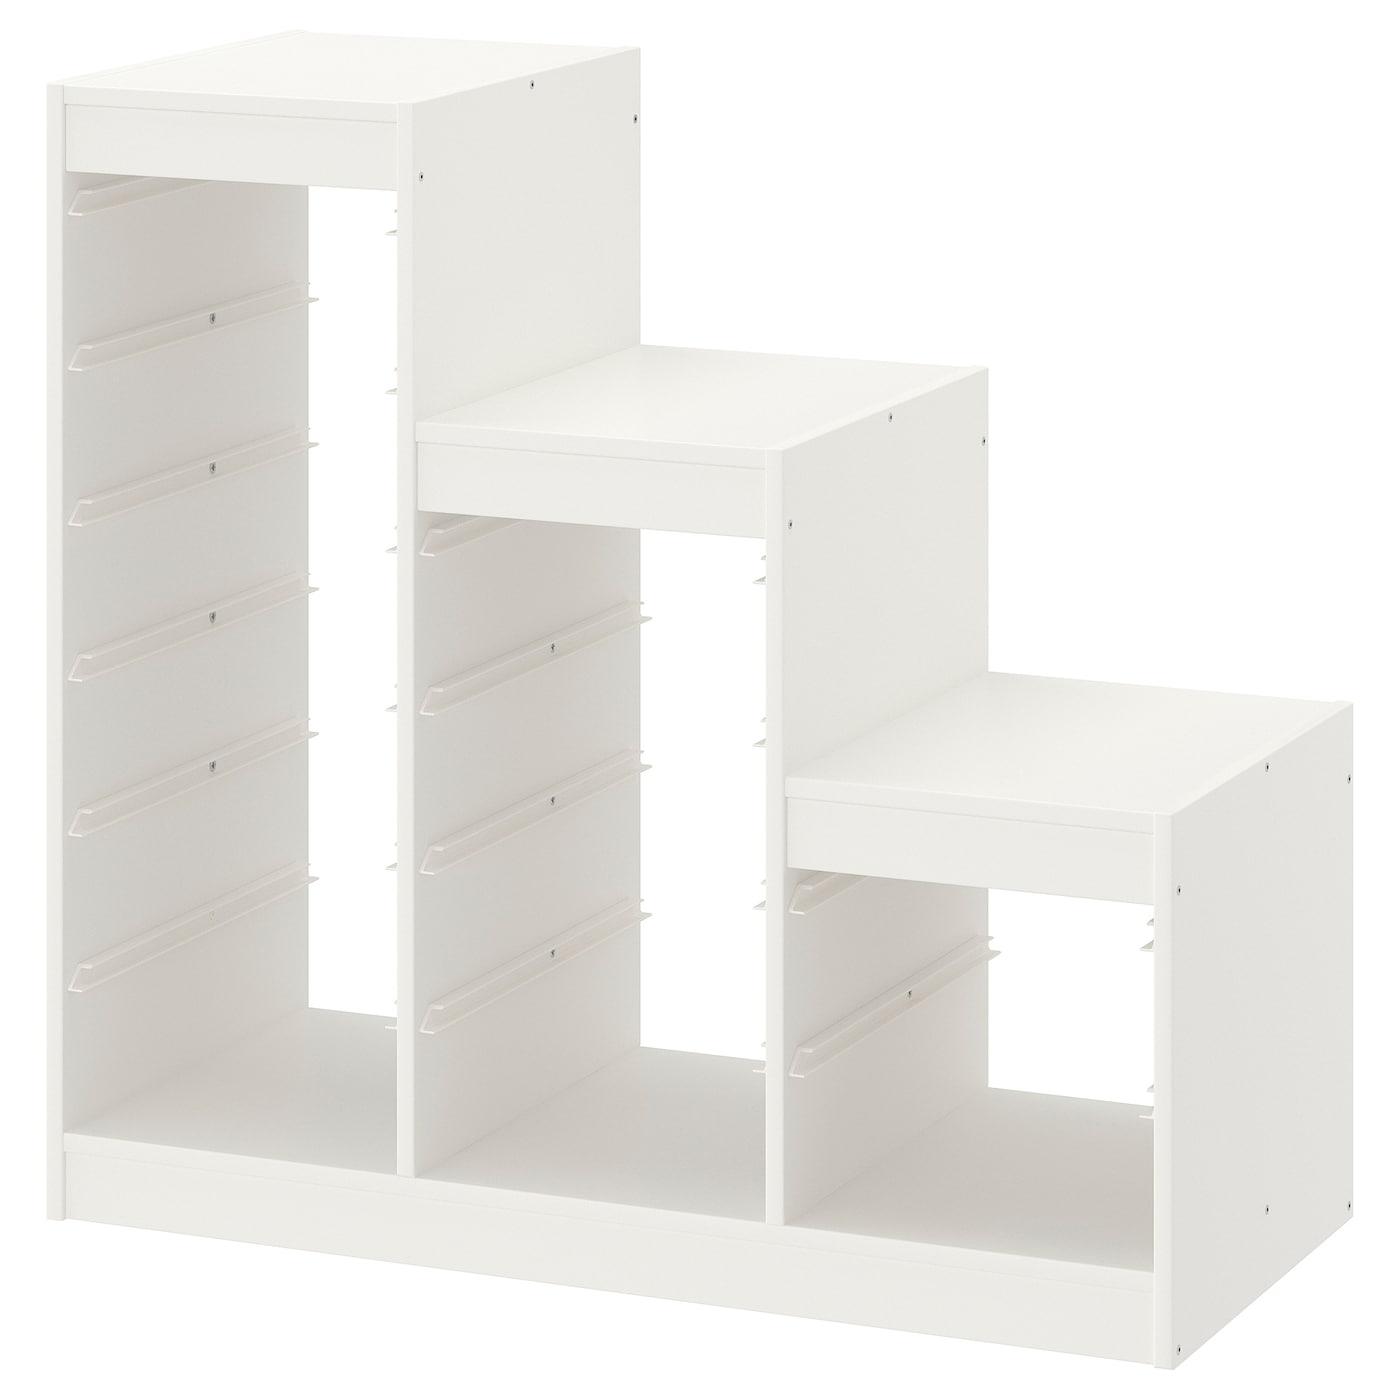 Trofast Regalrahmen Weiss Ikea Deutschland